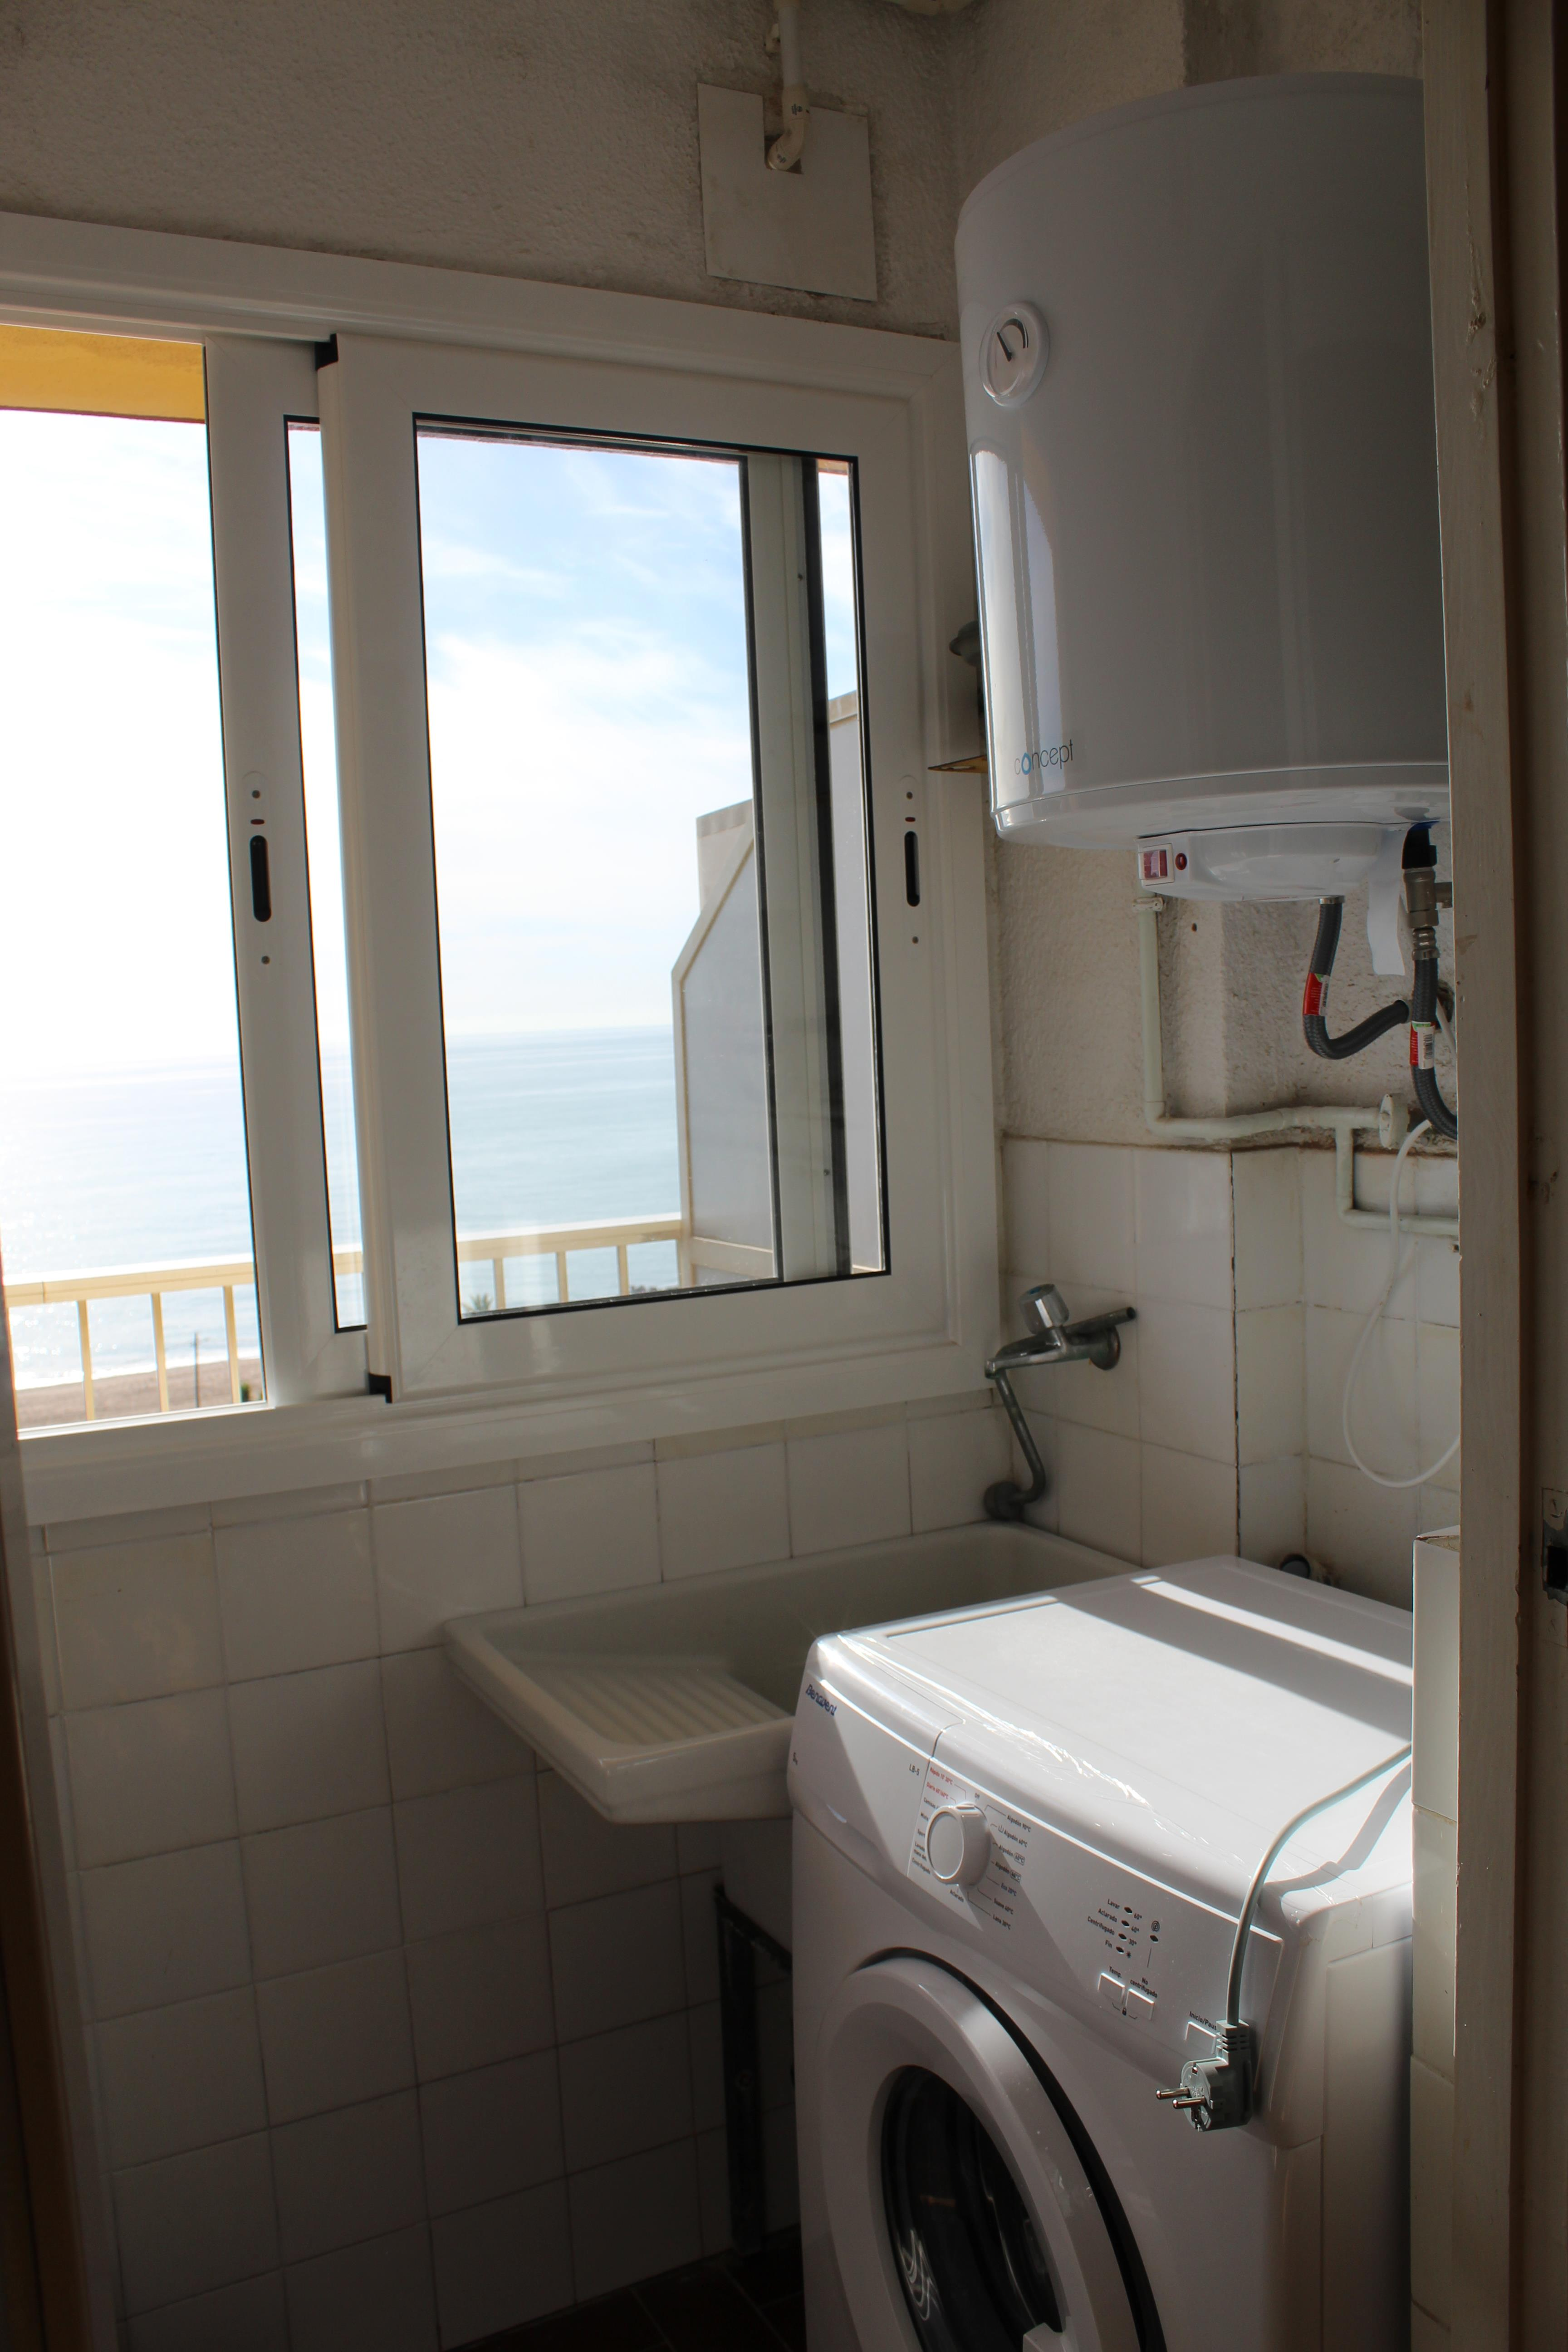 Miete Etagenwohnung  Malgrat de mar. Frontal a  mar octavo de altura 1 dormitorio